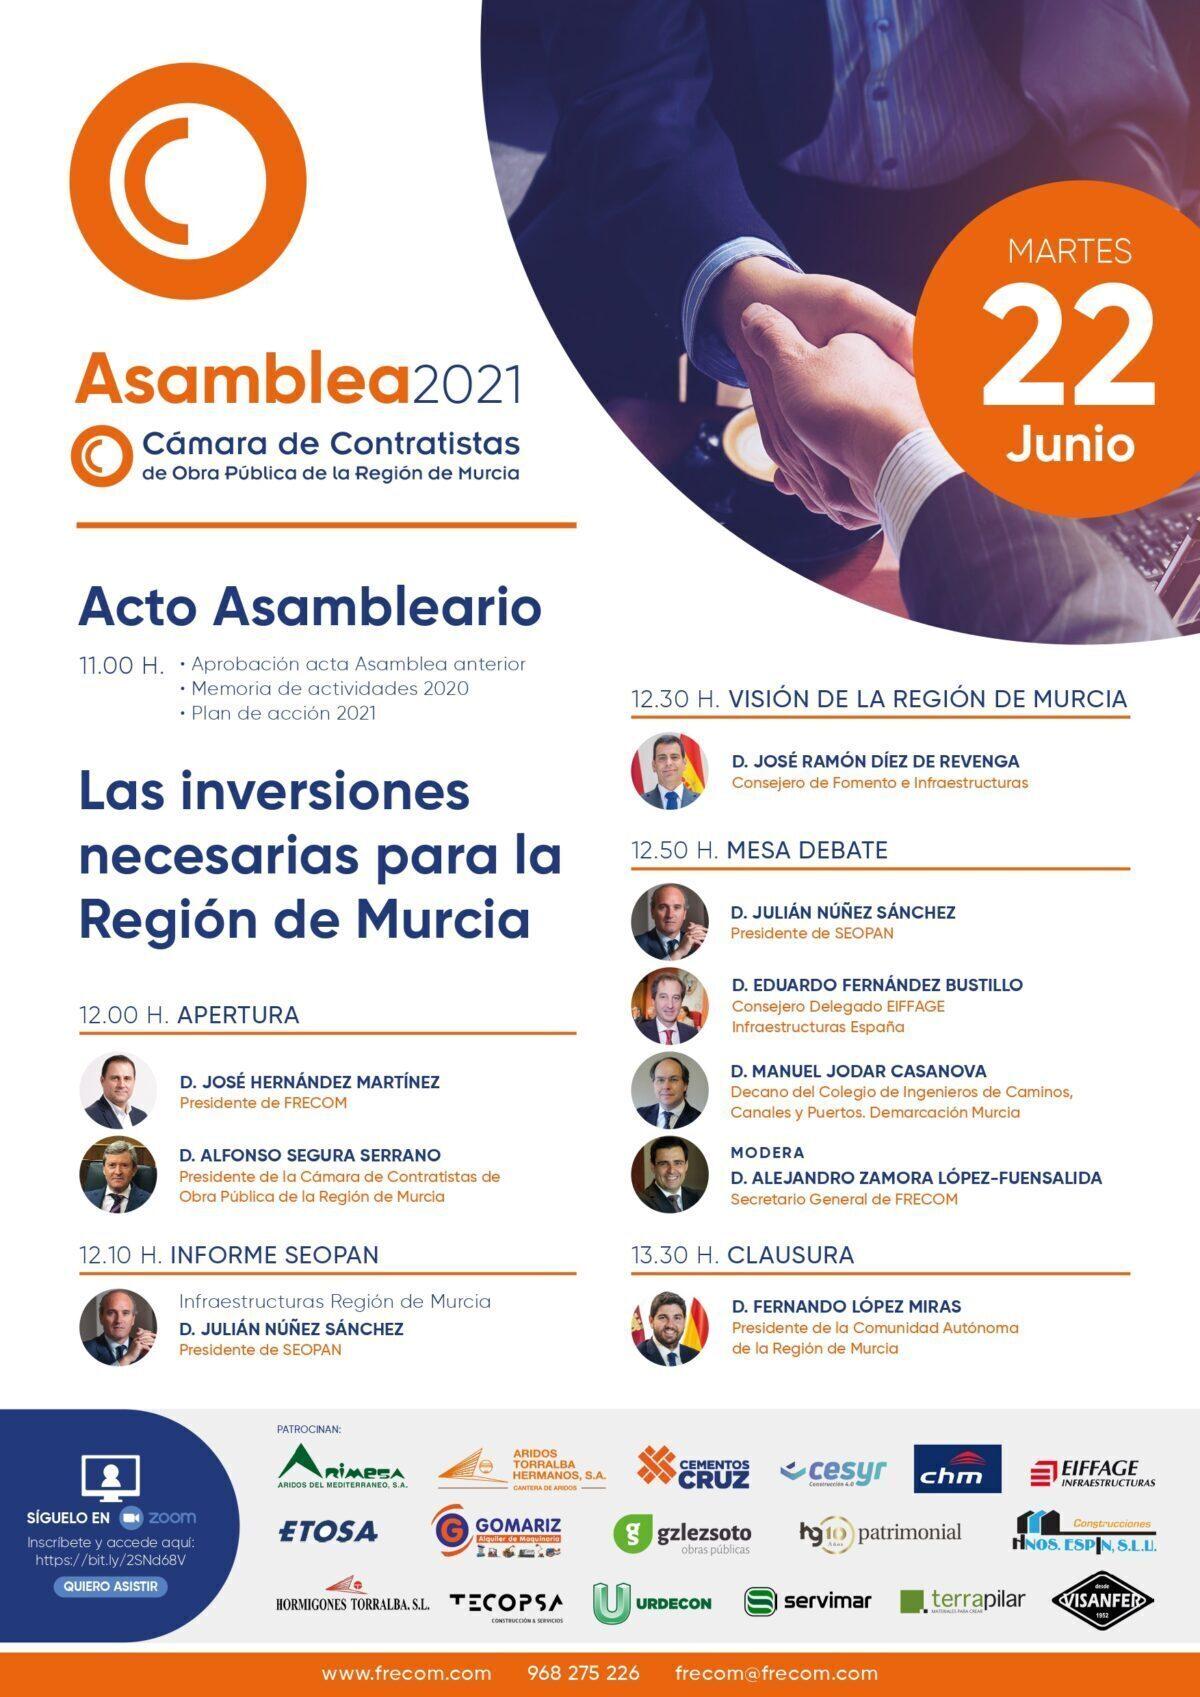 La Cámara de Contratistas de Obra Pública de la Región de Murcia celebra su Asamblea General el 22 de junio 2 FRECOM